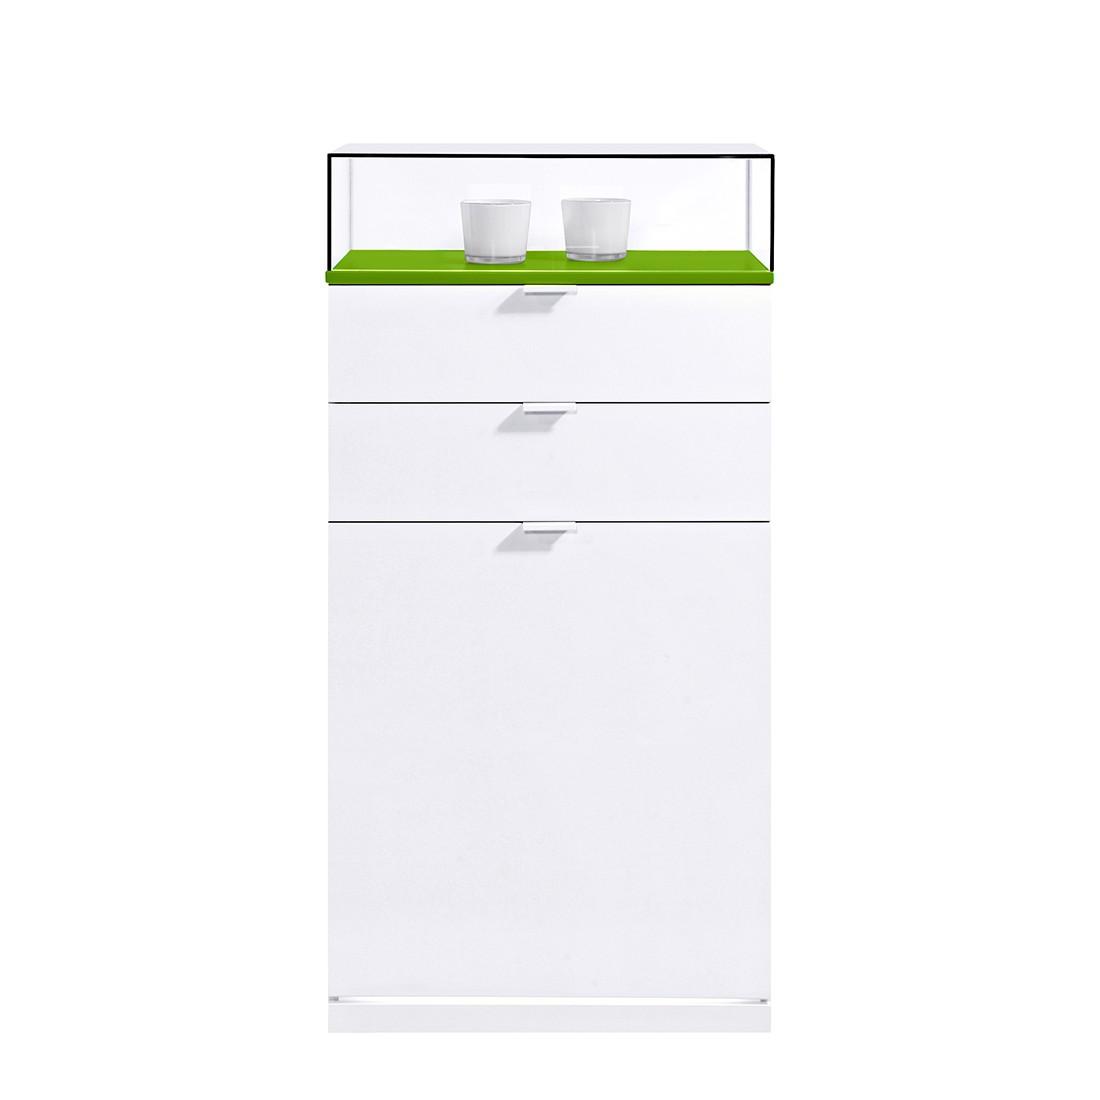 Schuhkommode VIP II - Weiß/Grün (Mit LED-Beleuchtung und Glasaufsatz)